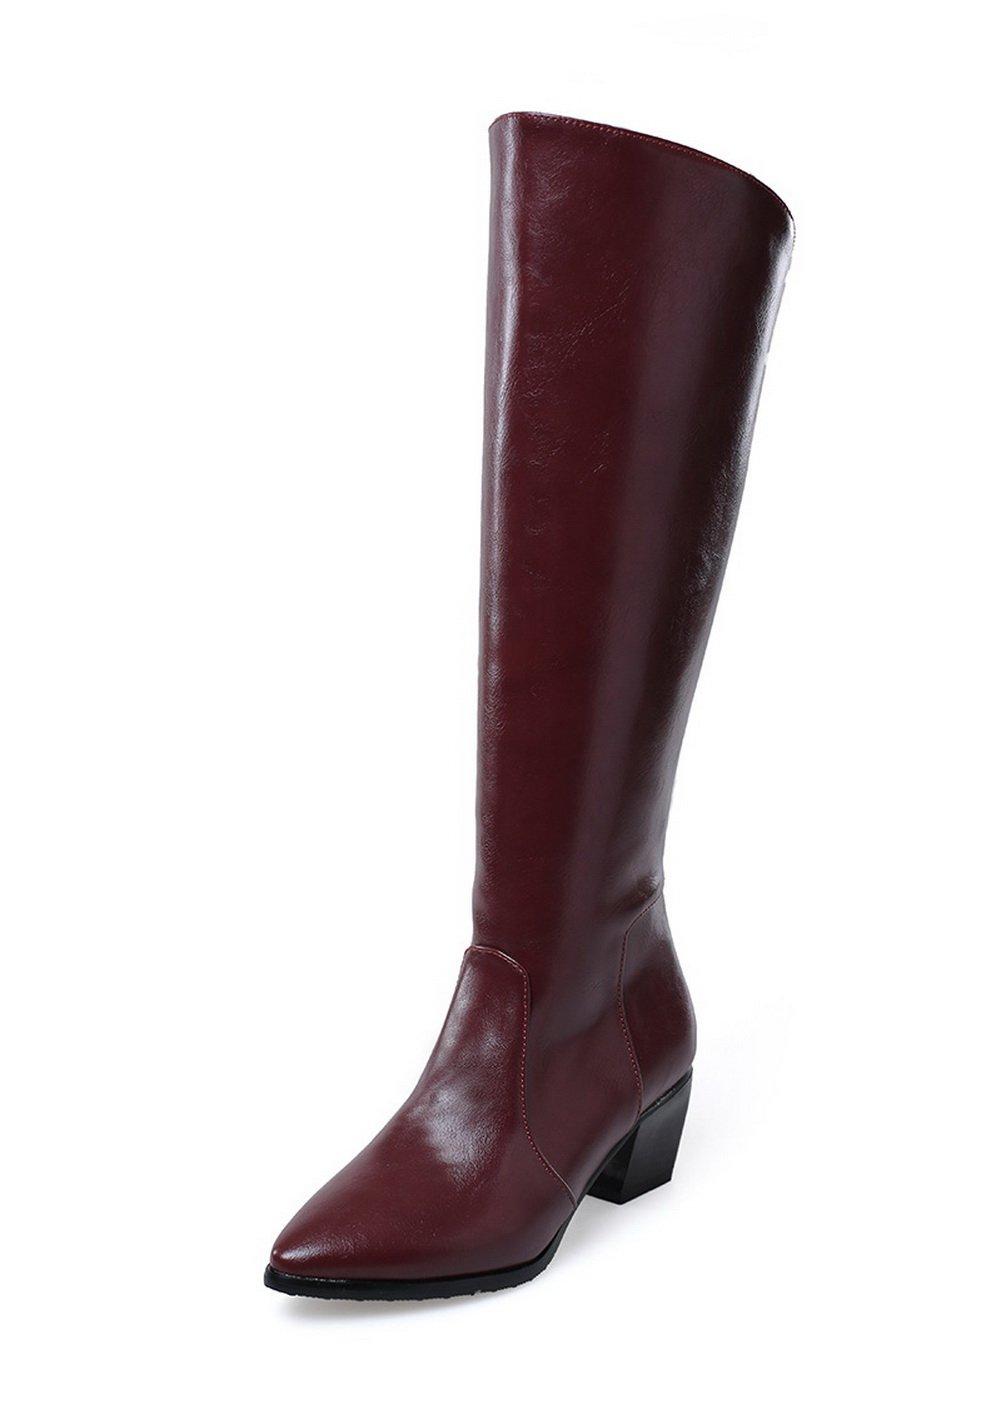 1TO9 - Zapatillas altas mujer35.5 Red En línea Obtenga la mejor oferta barata de descuento más grande